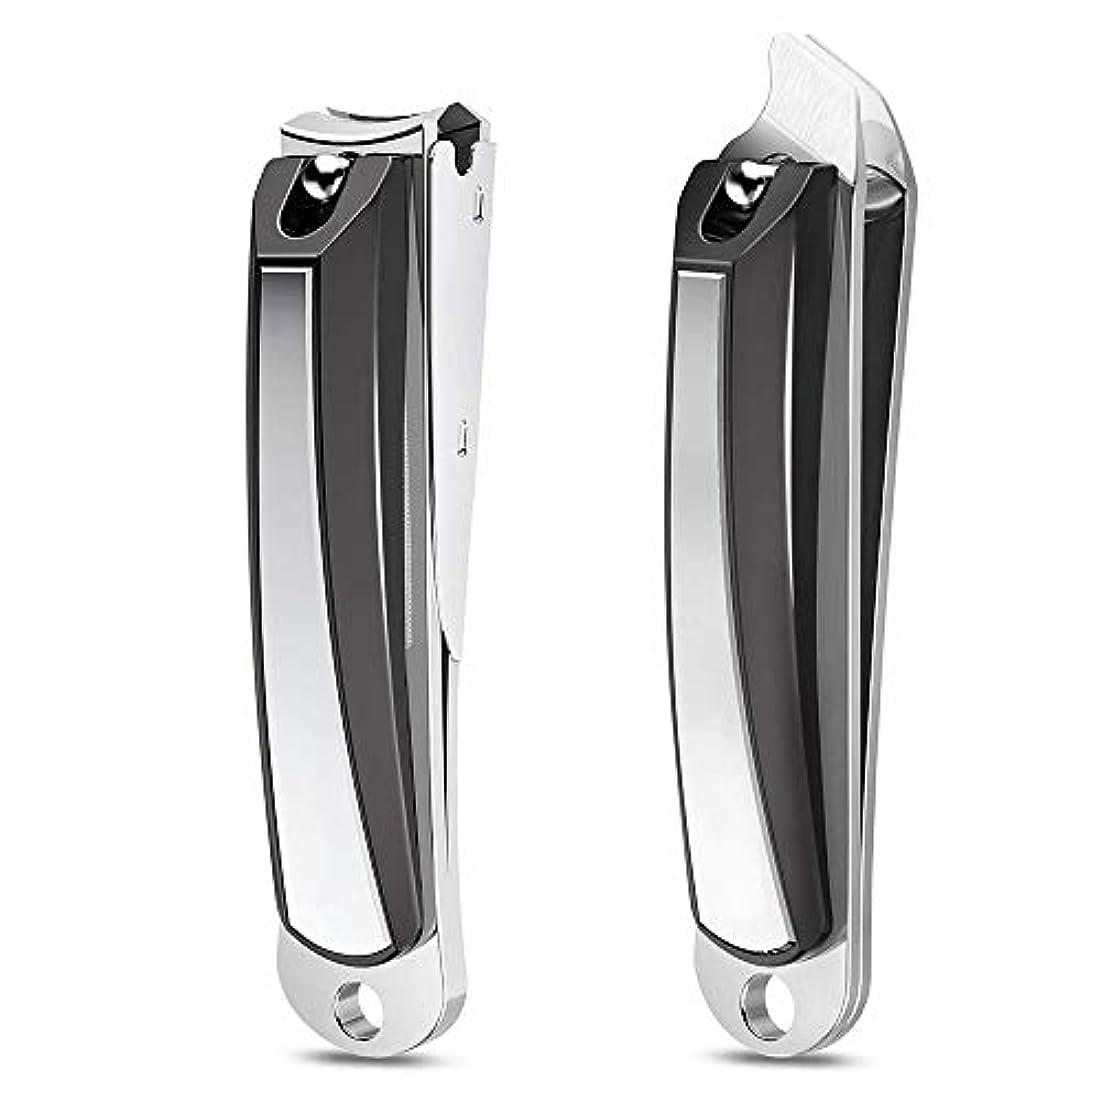 懐疑論ジェット静脈2本セットガラス製爪やすり レザー収納袋付き 手足用爪切り カバー付き ステンレス鋼製